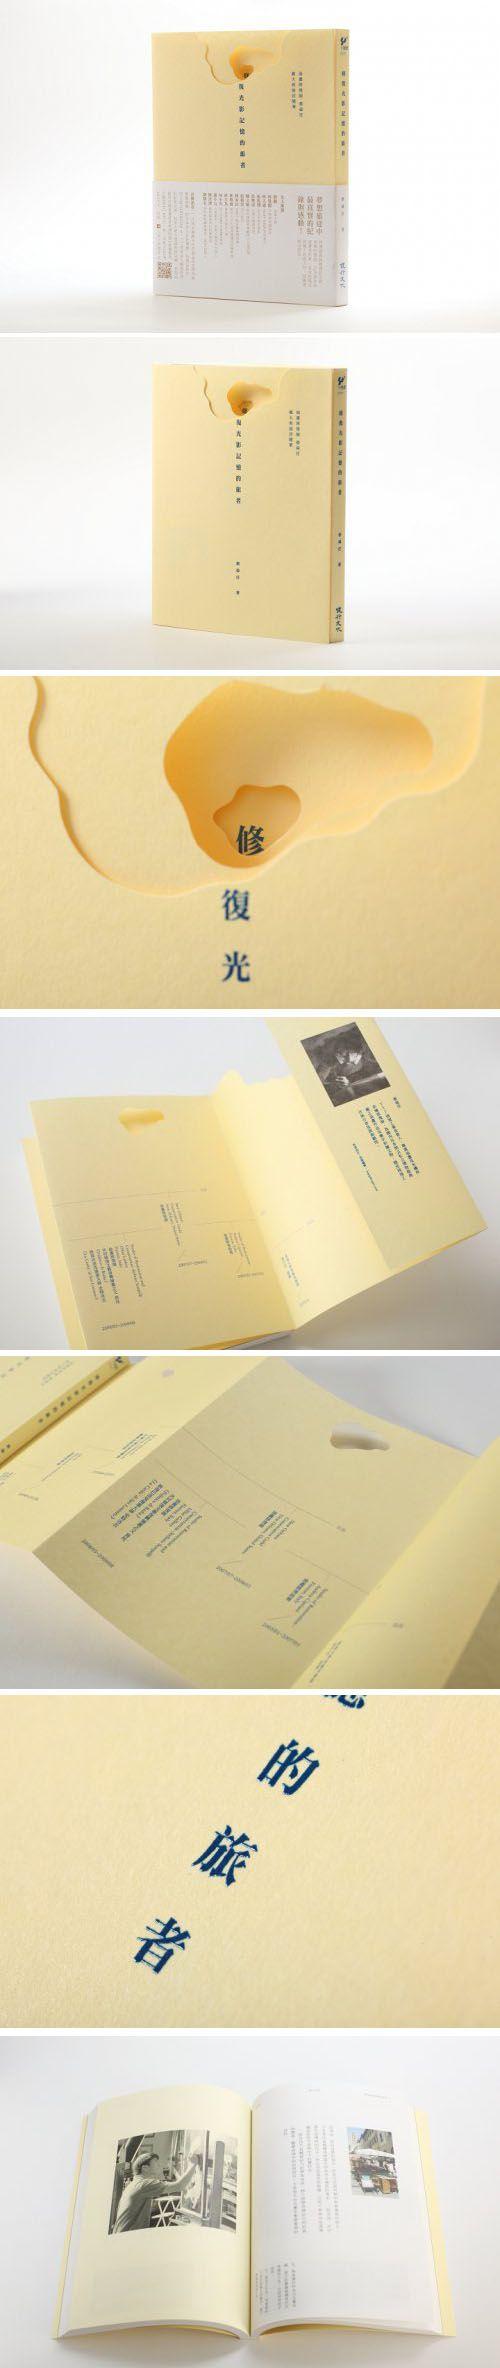 《修復光影記憶的旅者》蔡舜任   Happ Design, 2013